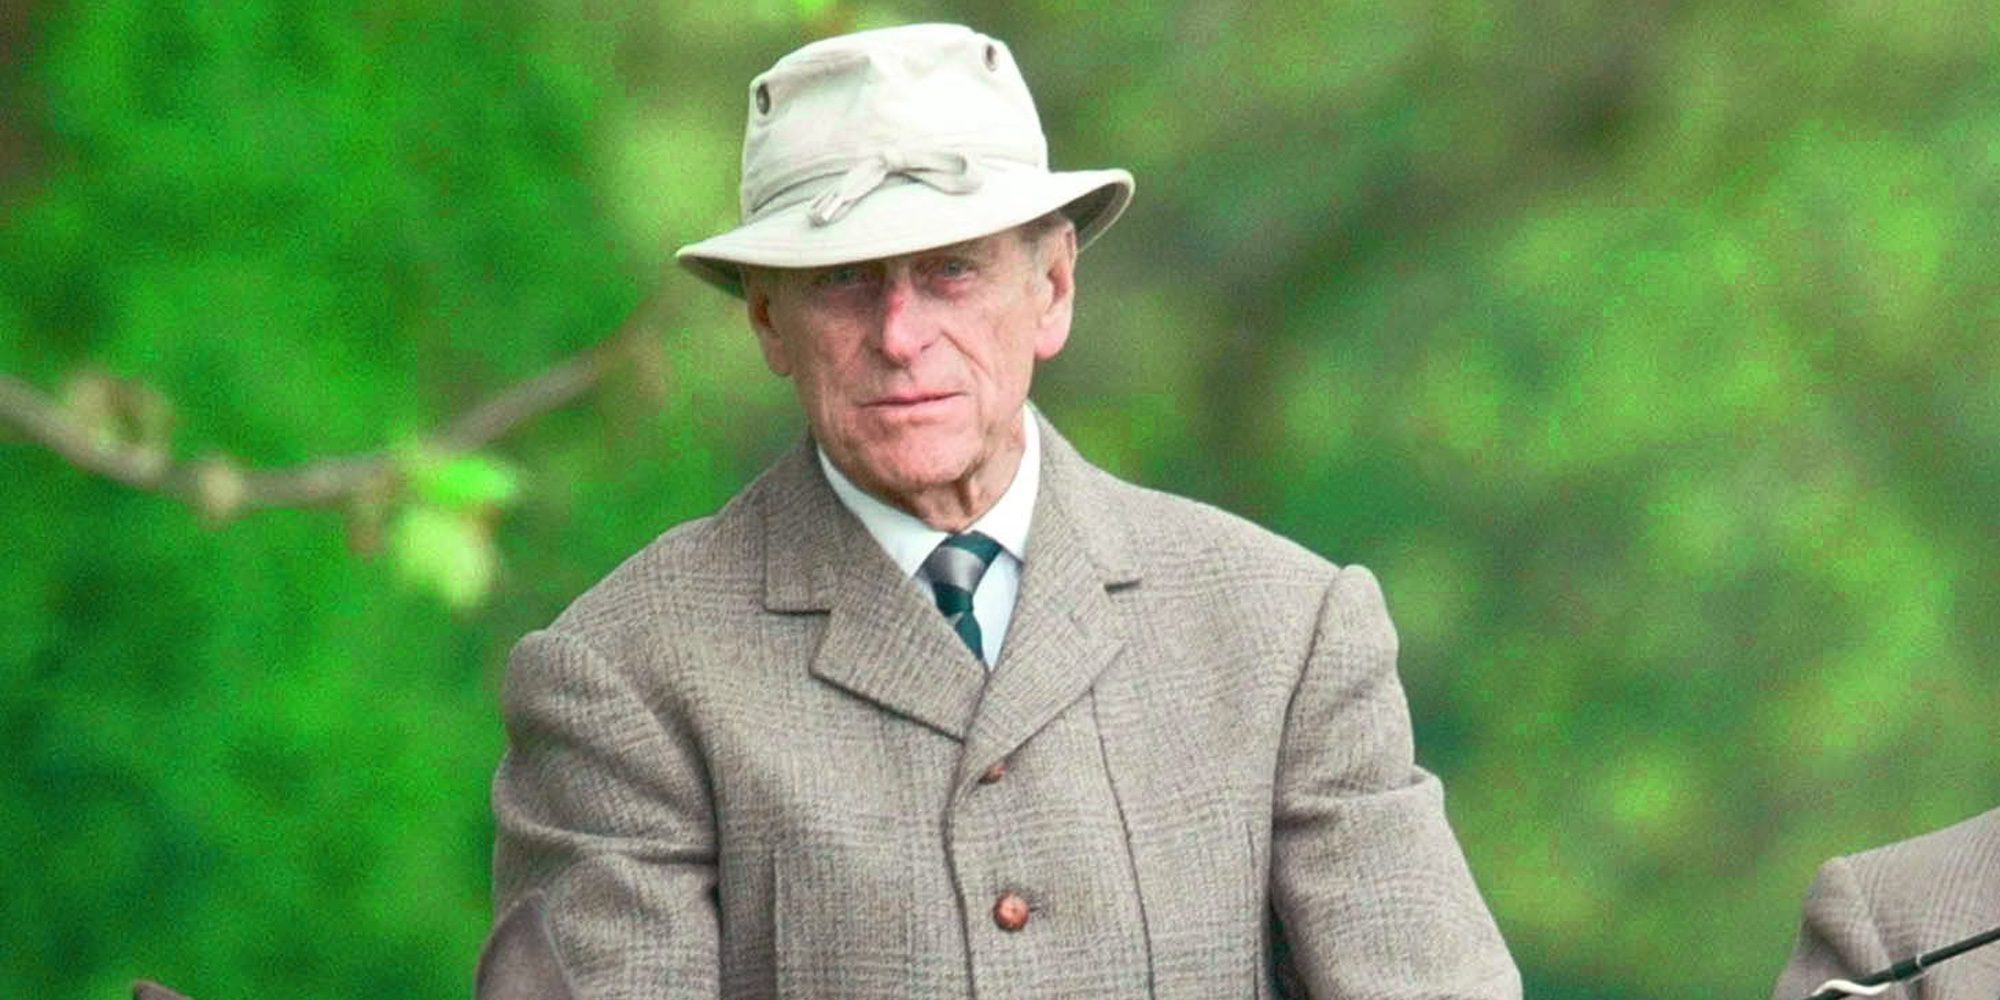 Las 20 frases más divertidas e incómodas del Duque de Edimburgo que pasarán a la historia